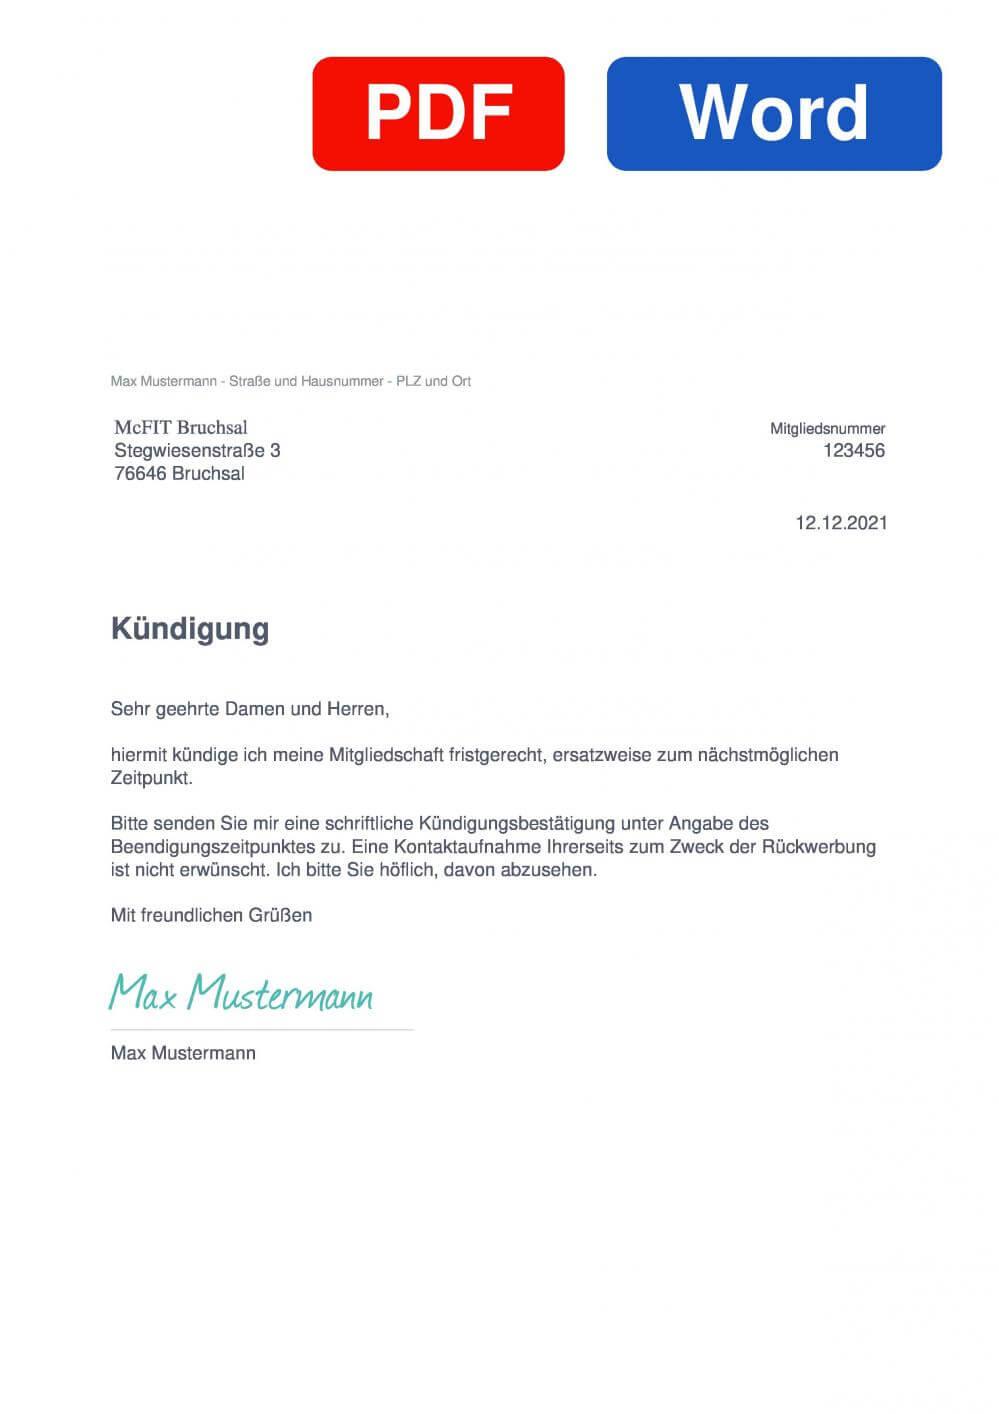 McFIT Bruchsal Muster Vorlage für Kündigungsschreiben